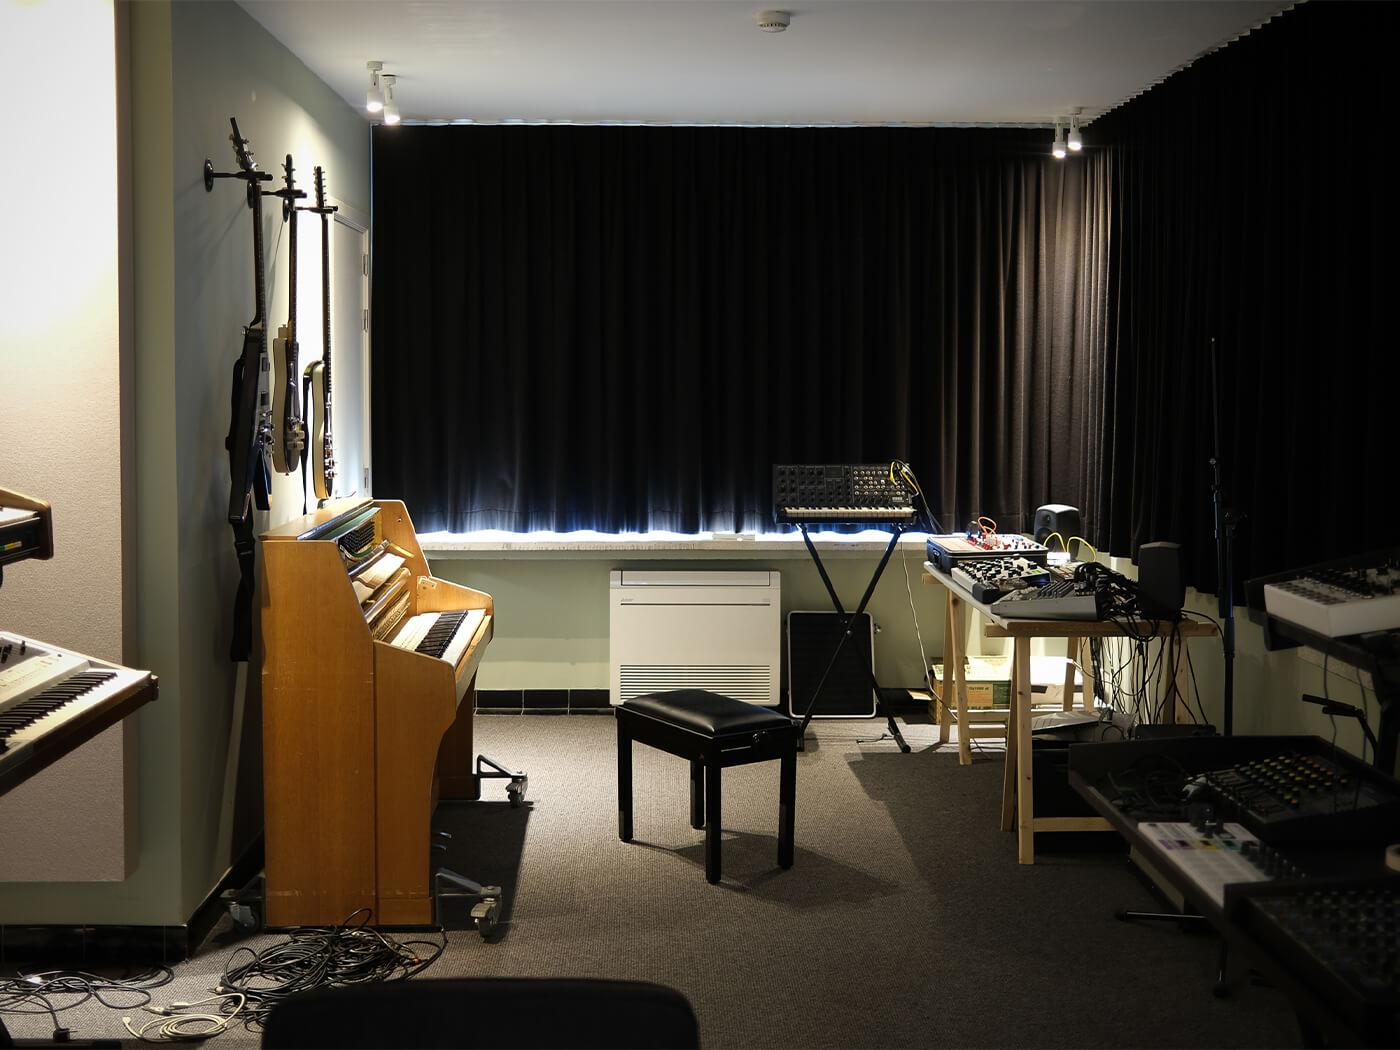 https://www.musictech.net/features/studios/show-off-your-studio-goose-safari-studios/